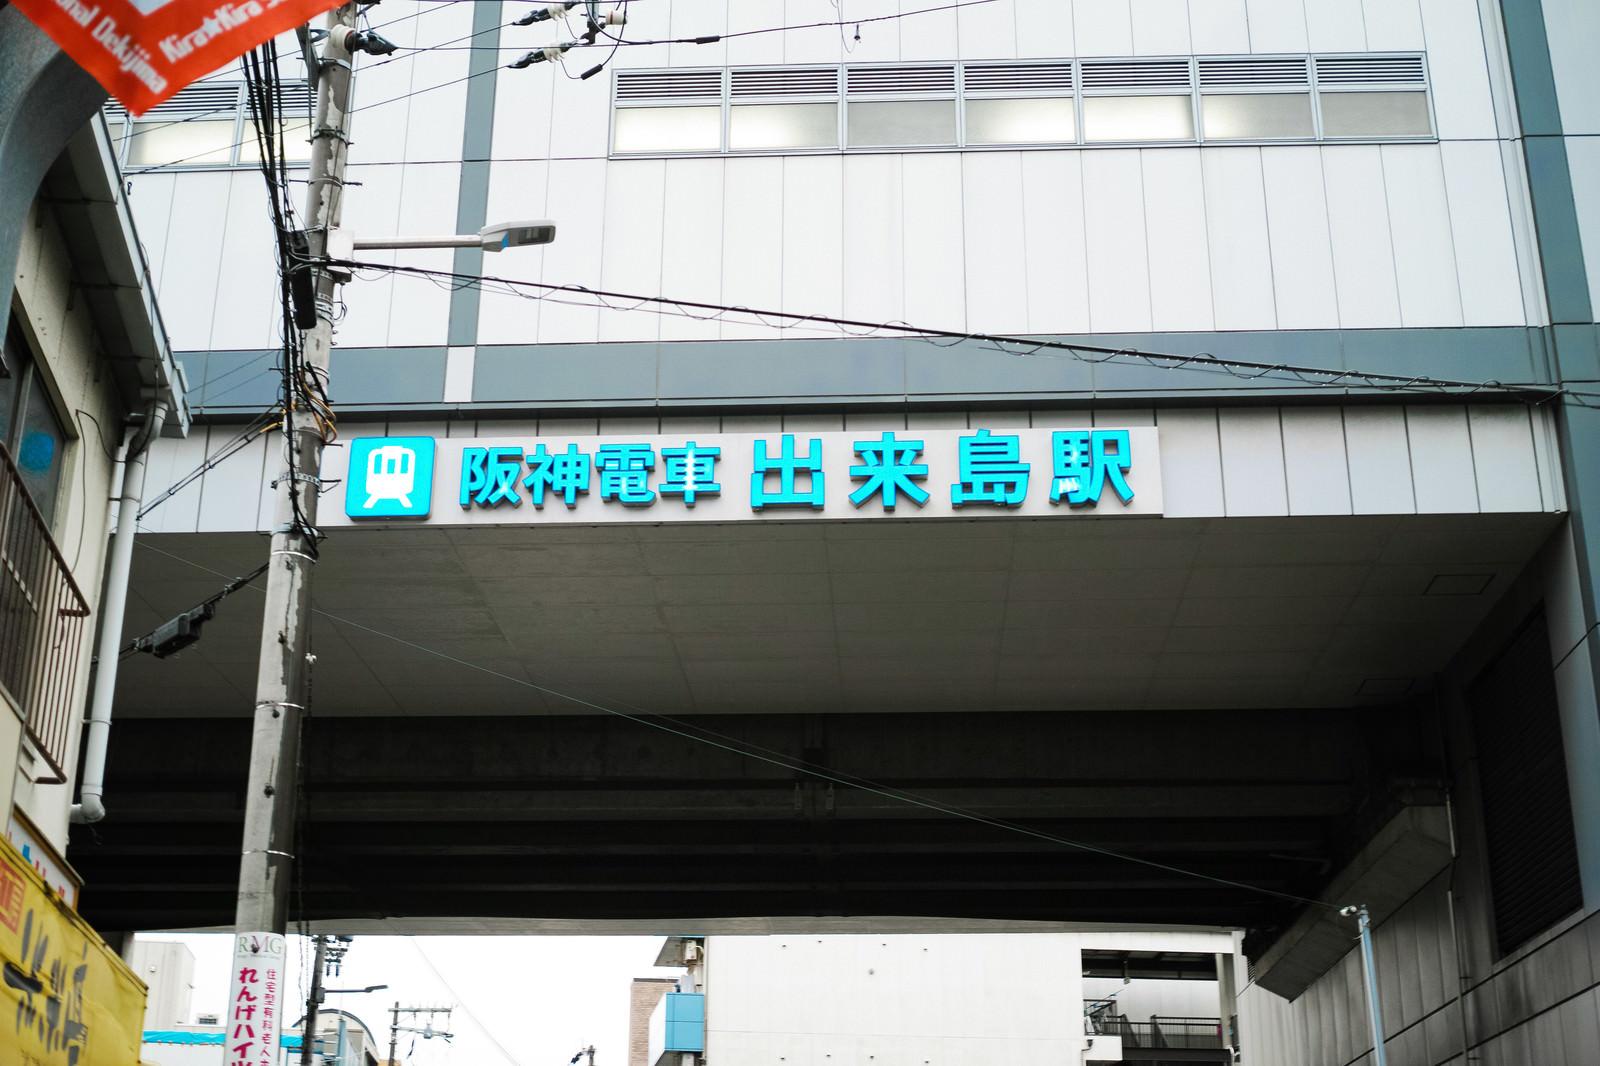 「阪神電車 出来島駅」の写真